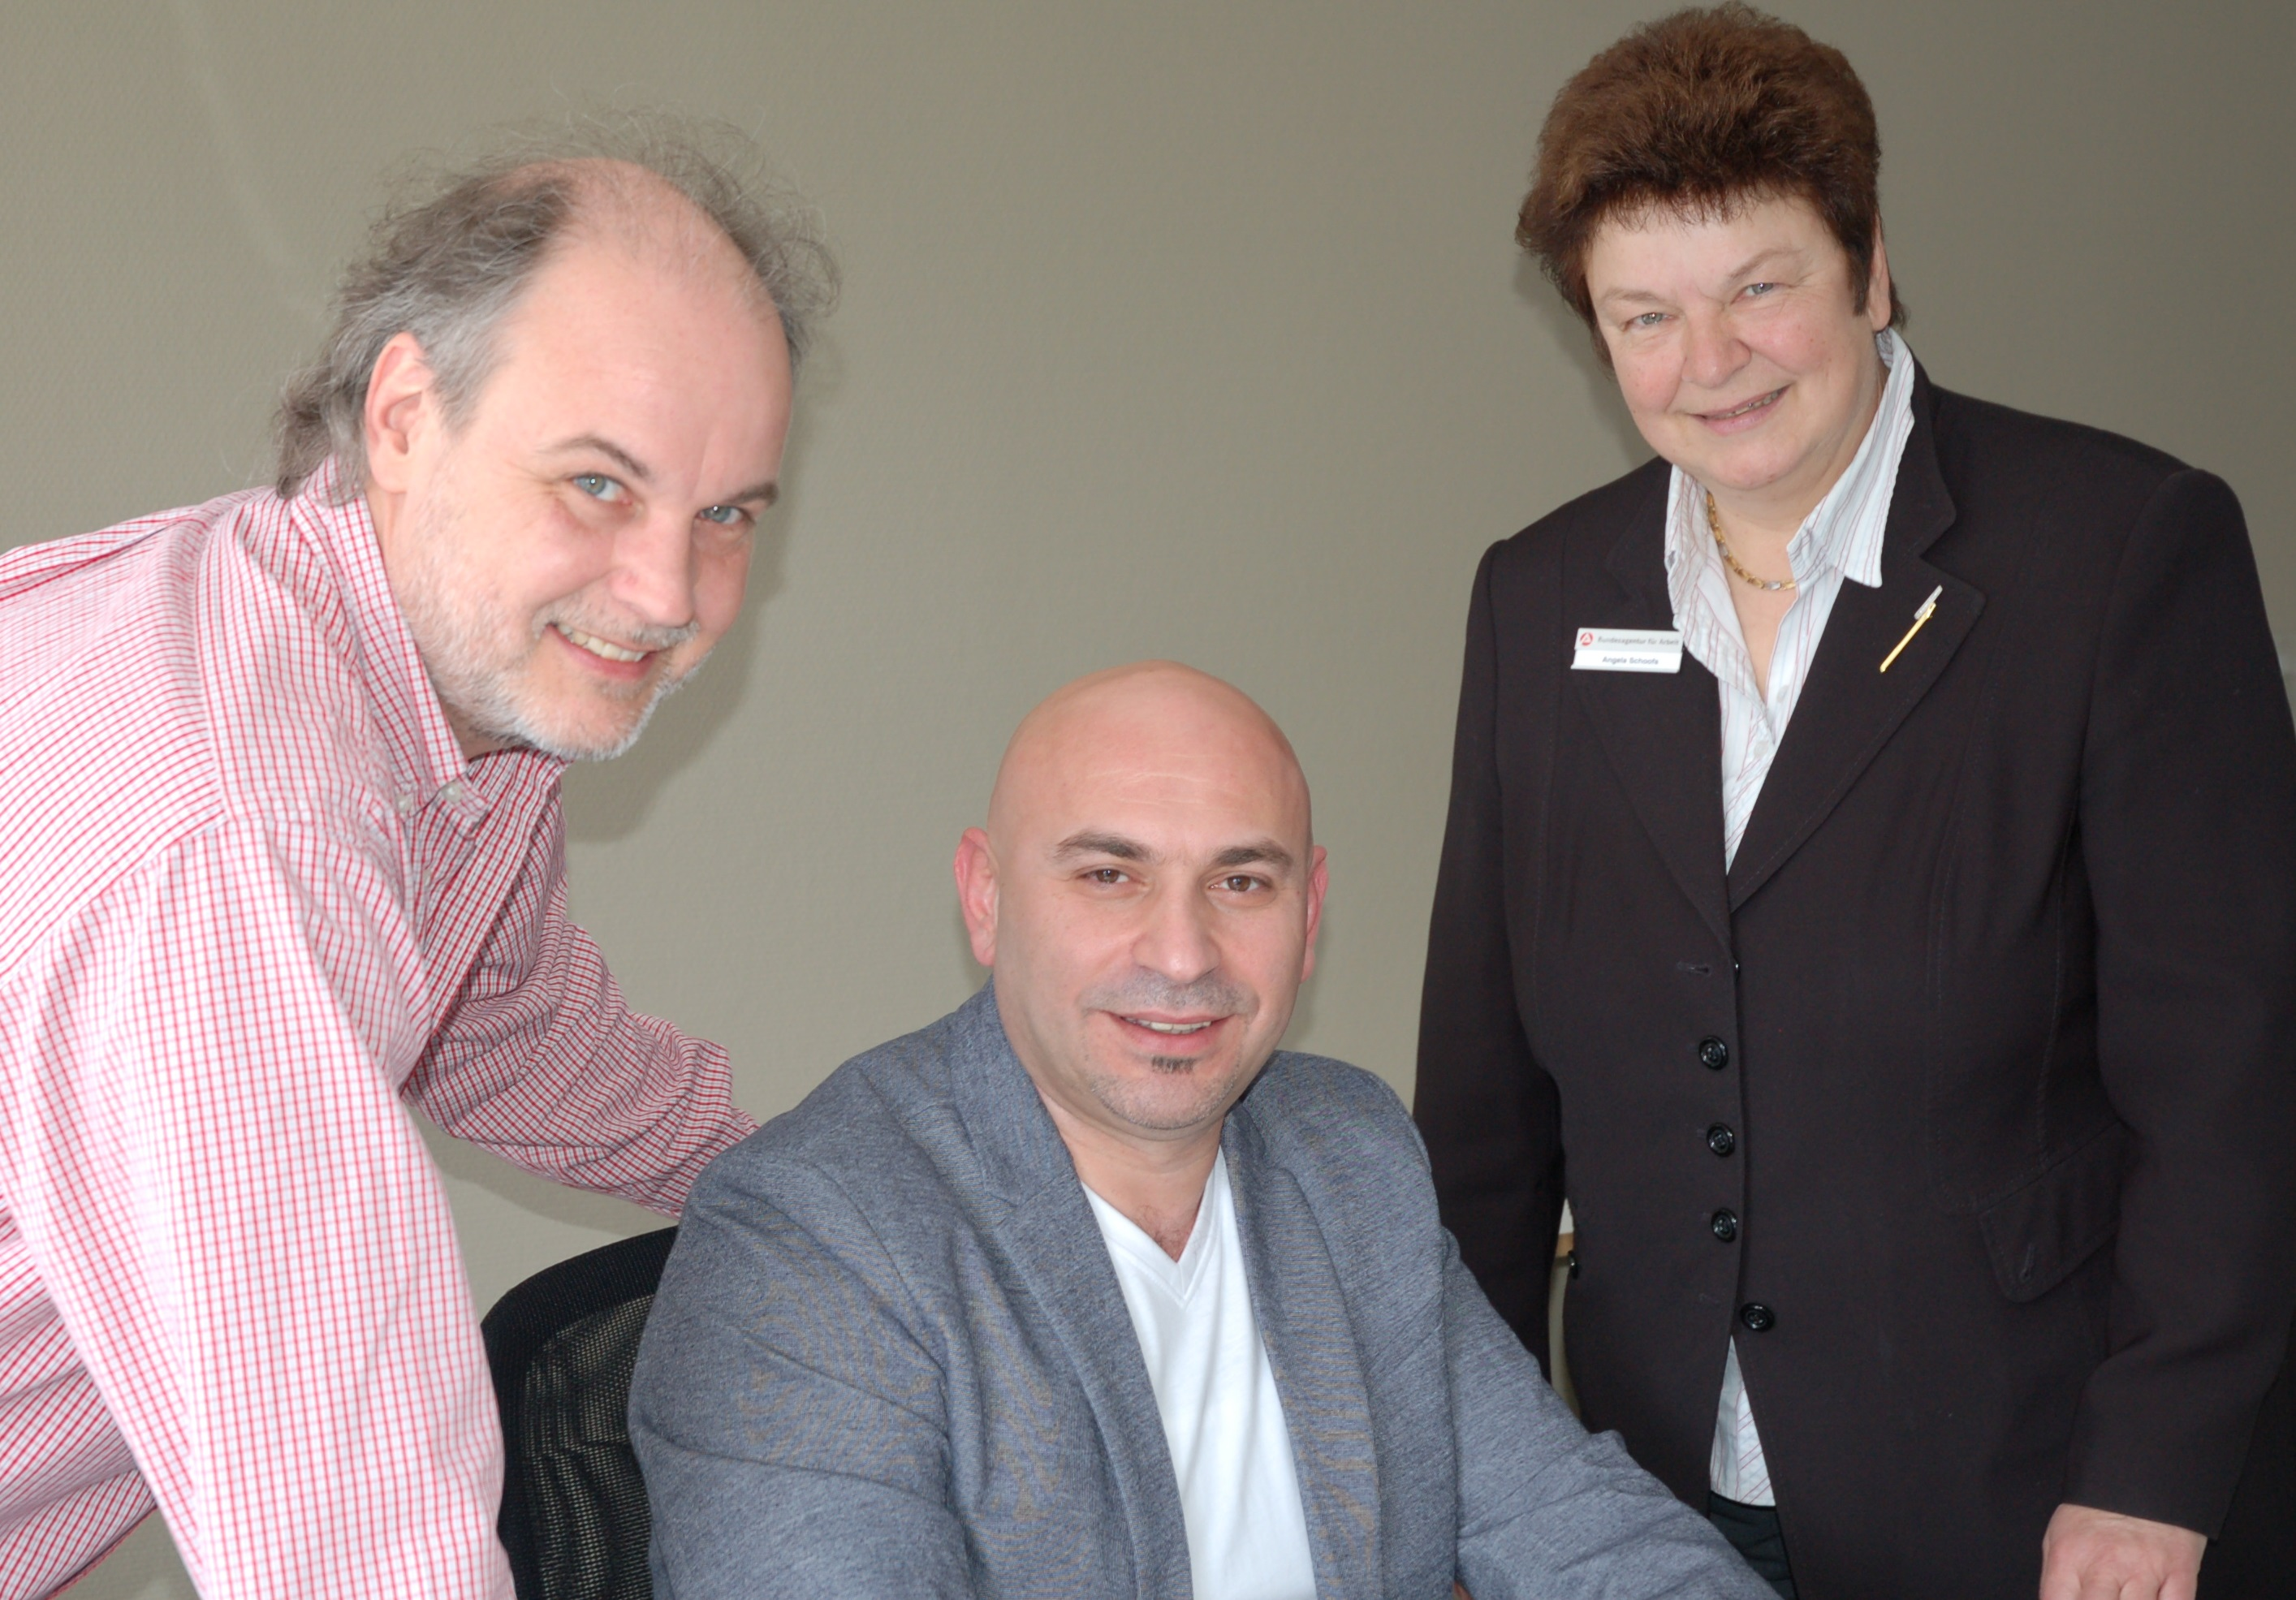 Freuen sich über die gute Zusammenarbeit (von links): Stefan Steinhäuser, Louai Dakhel und Angela Schoofs (Foto: Agentur für Arbeit Mönchengladbach)